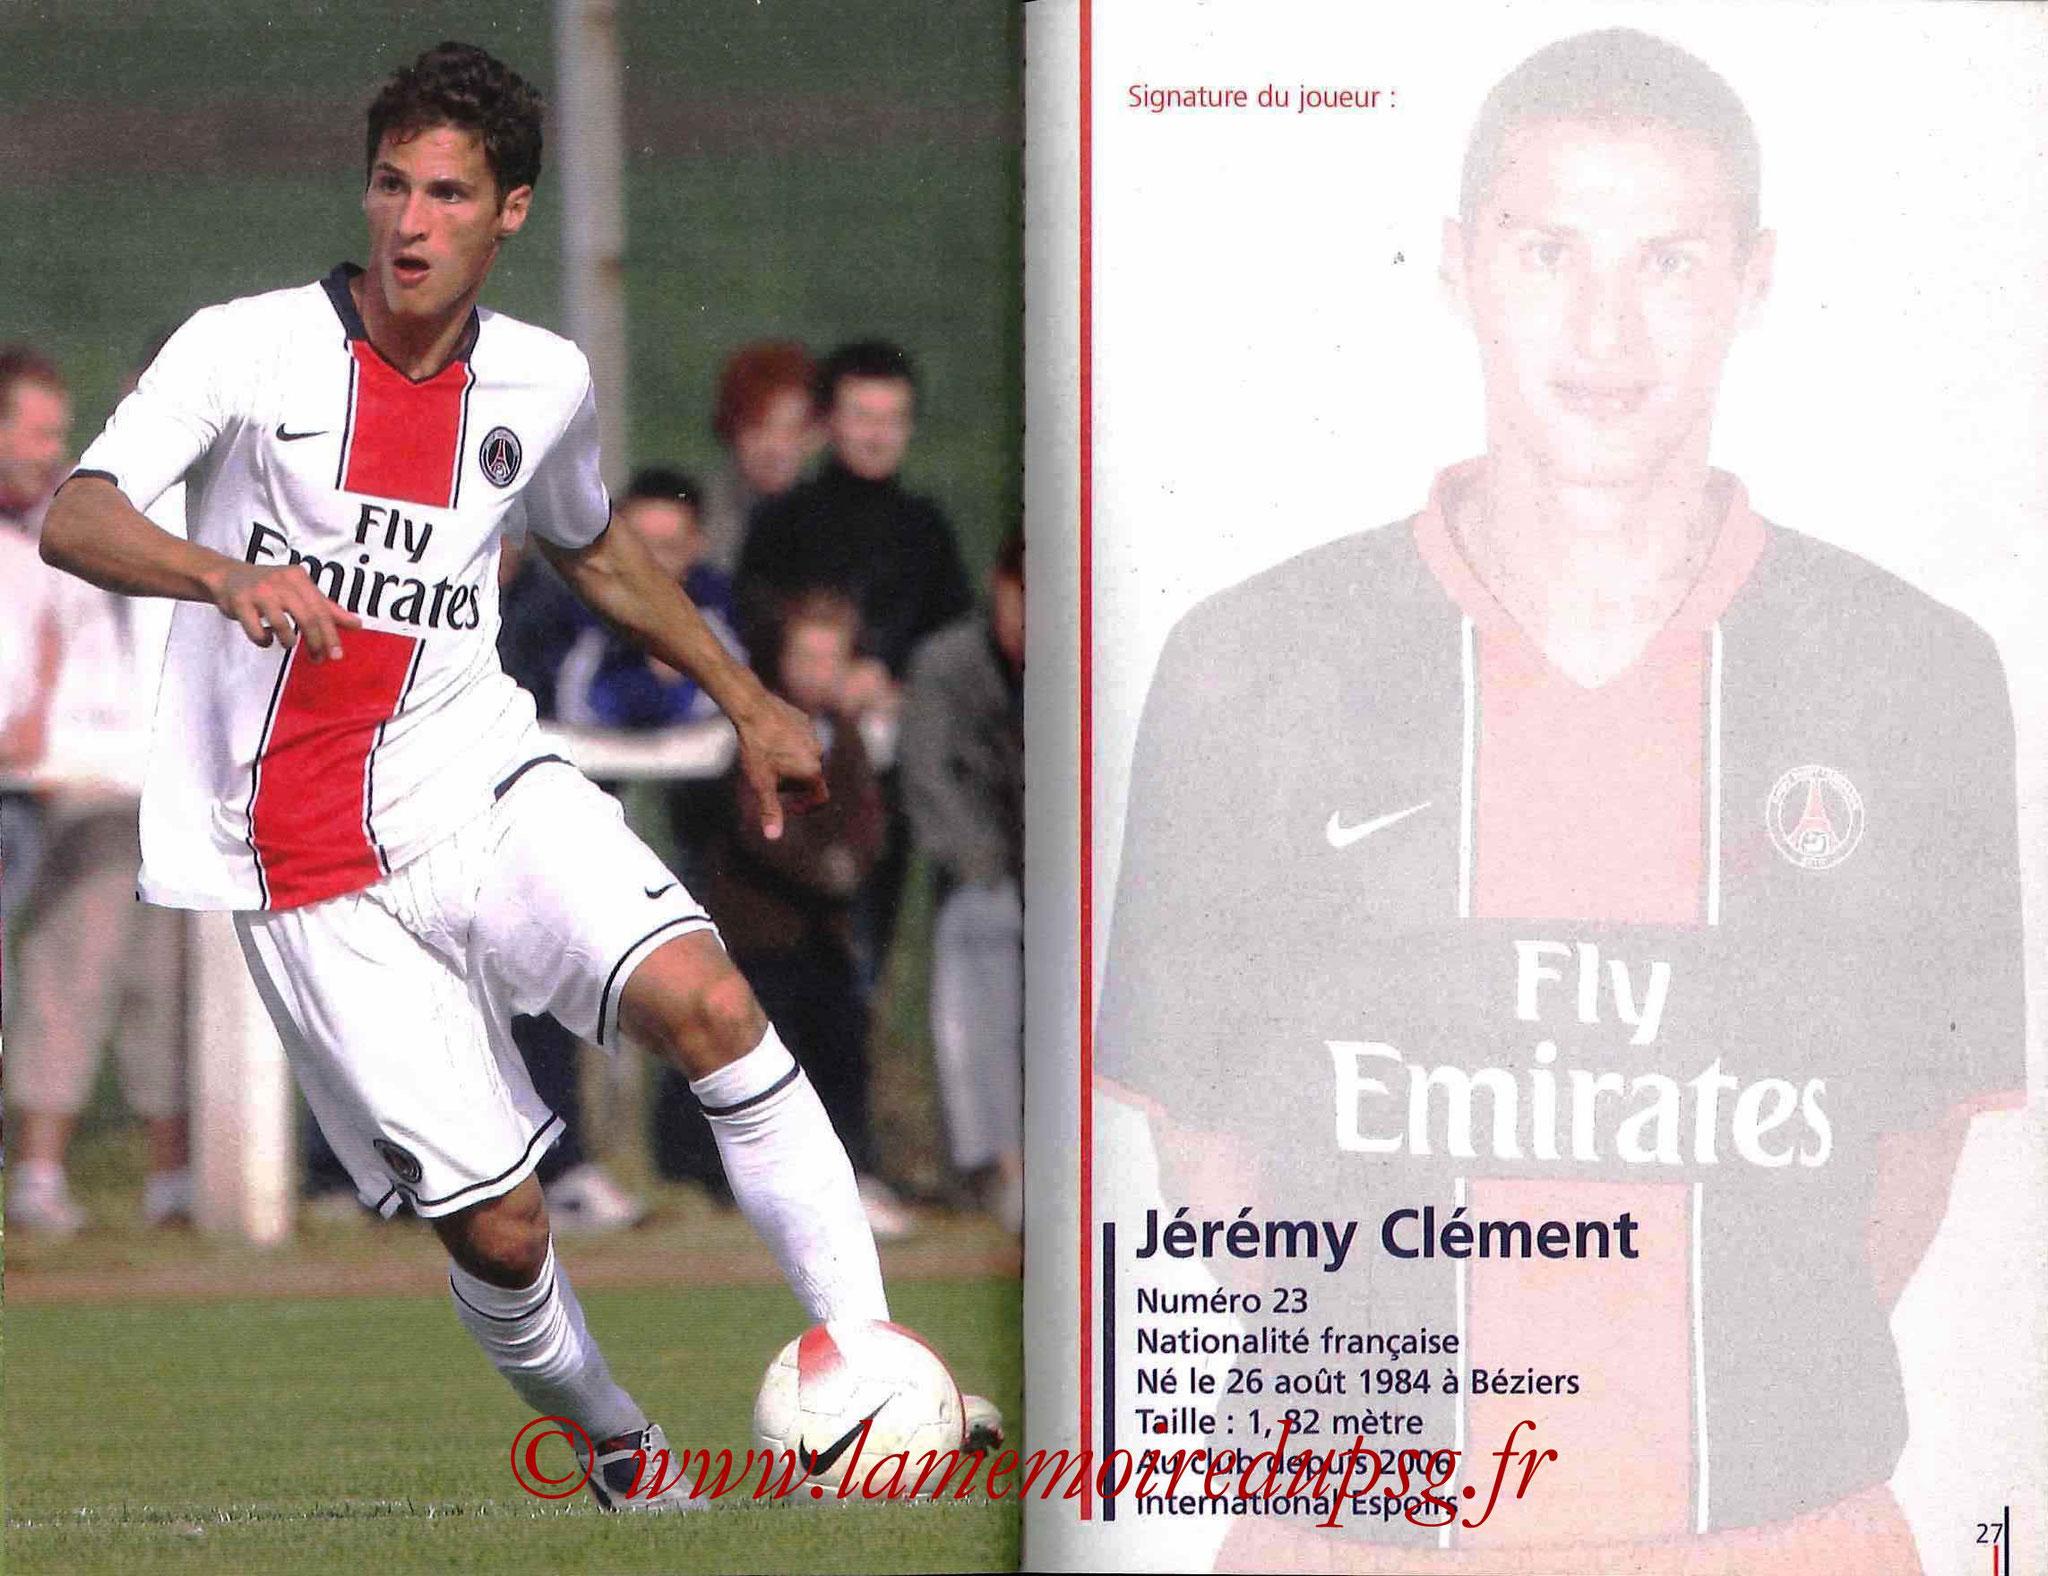 2007-08 - Guide de la Saison PSG - Pages 26 et 27 - Jérémy CLEMENT